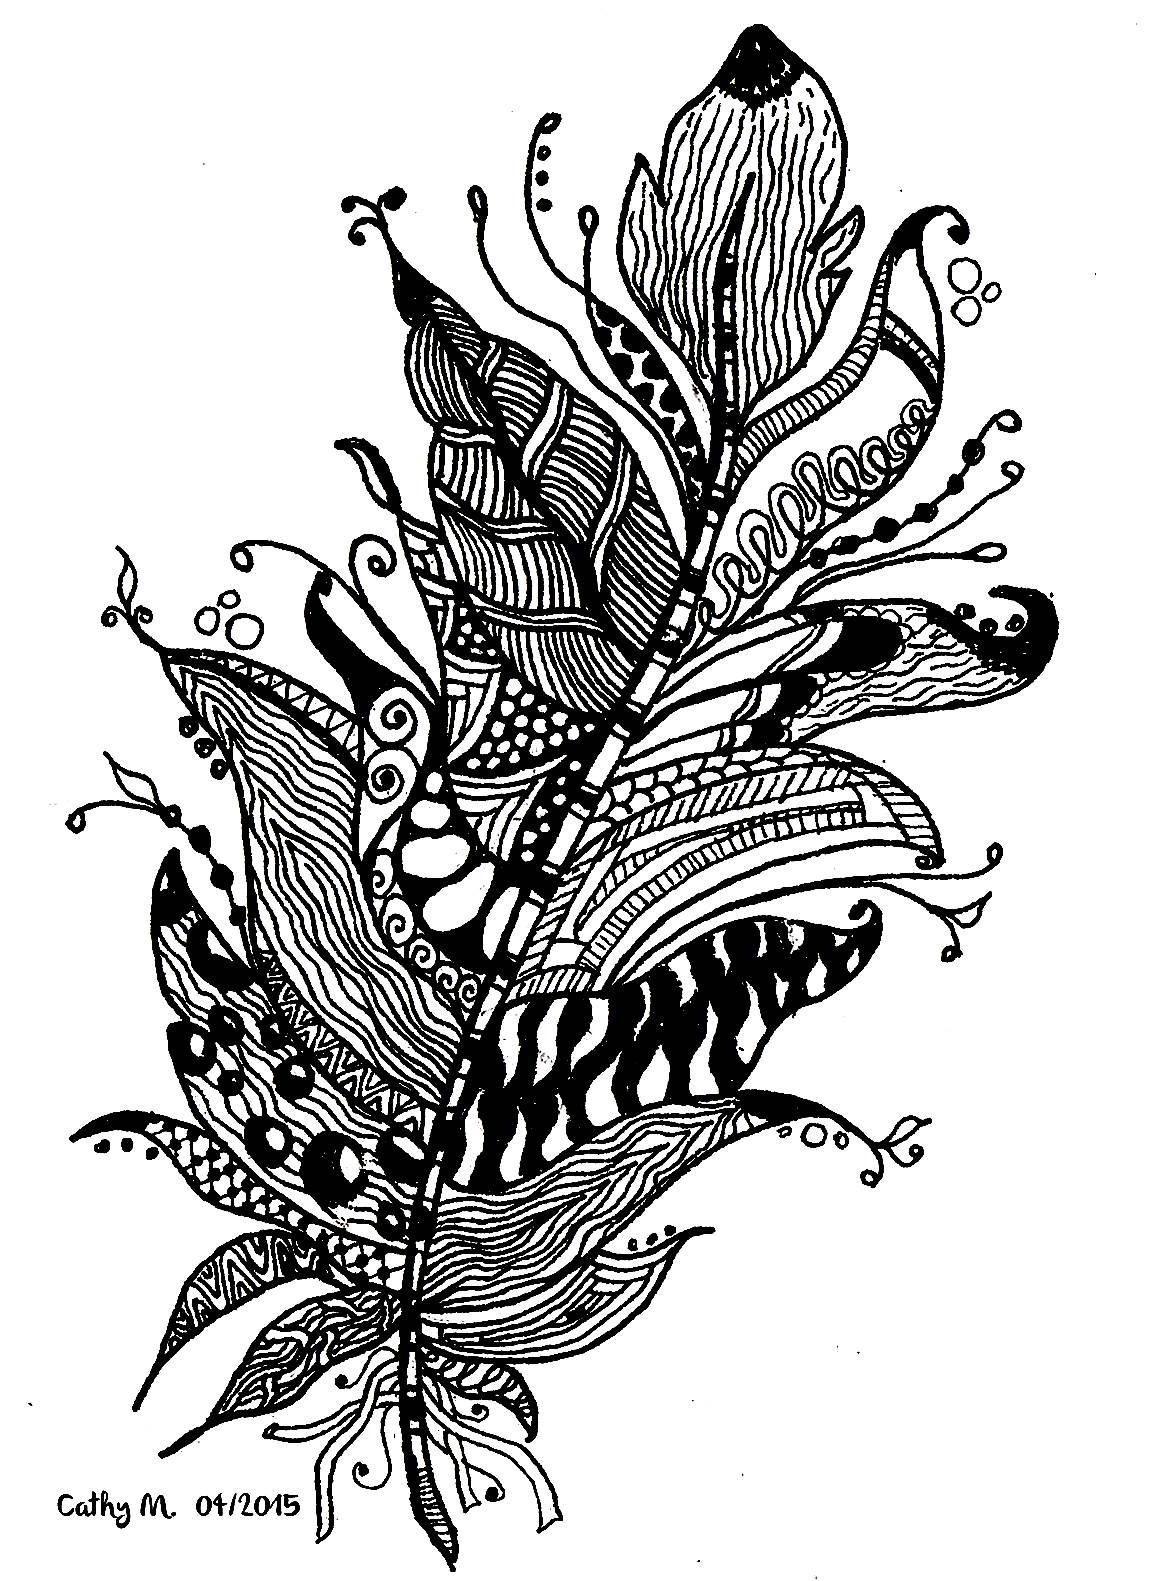 Disegni da colorare per adulti : Zentangle - 9